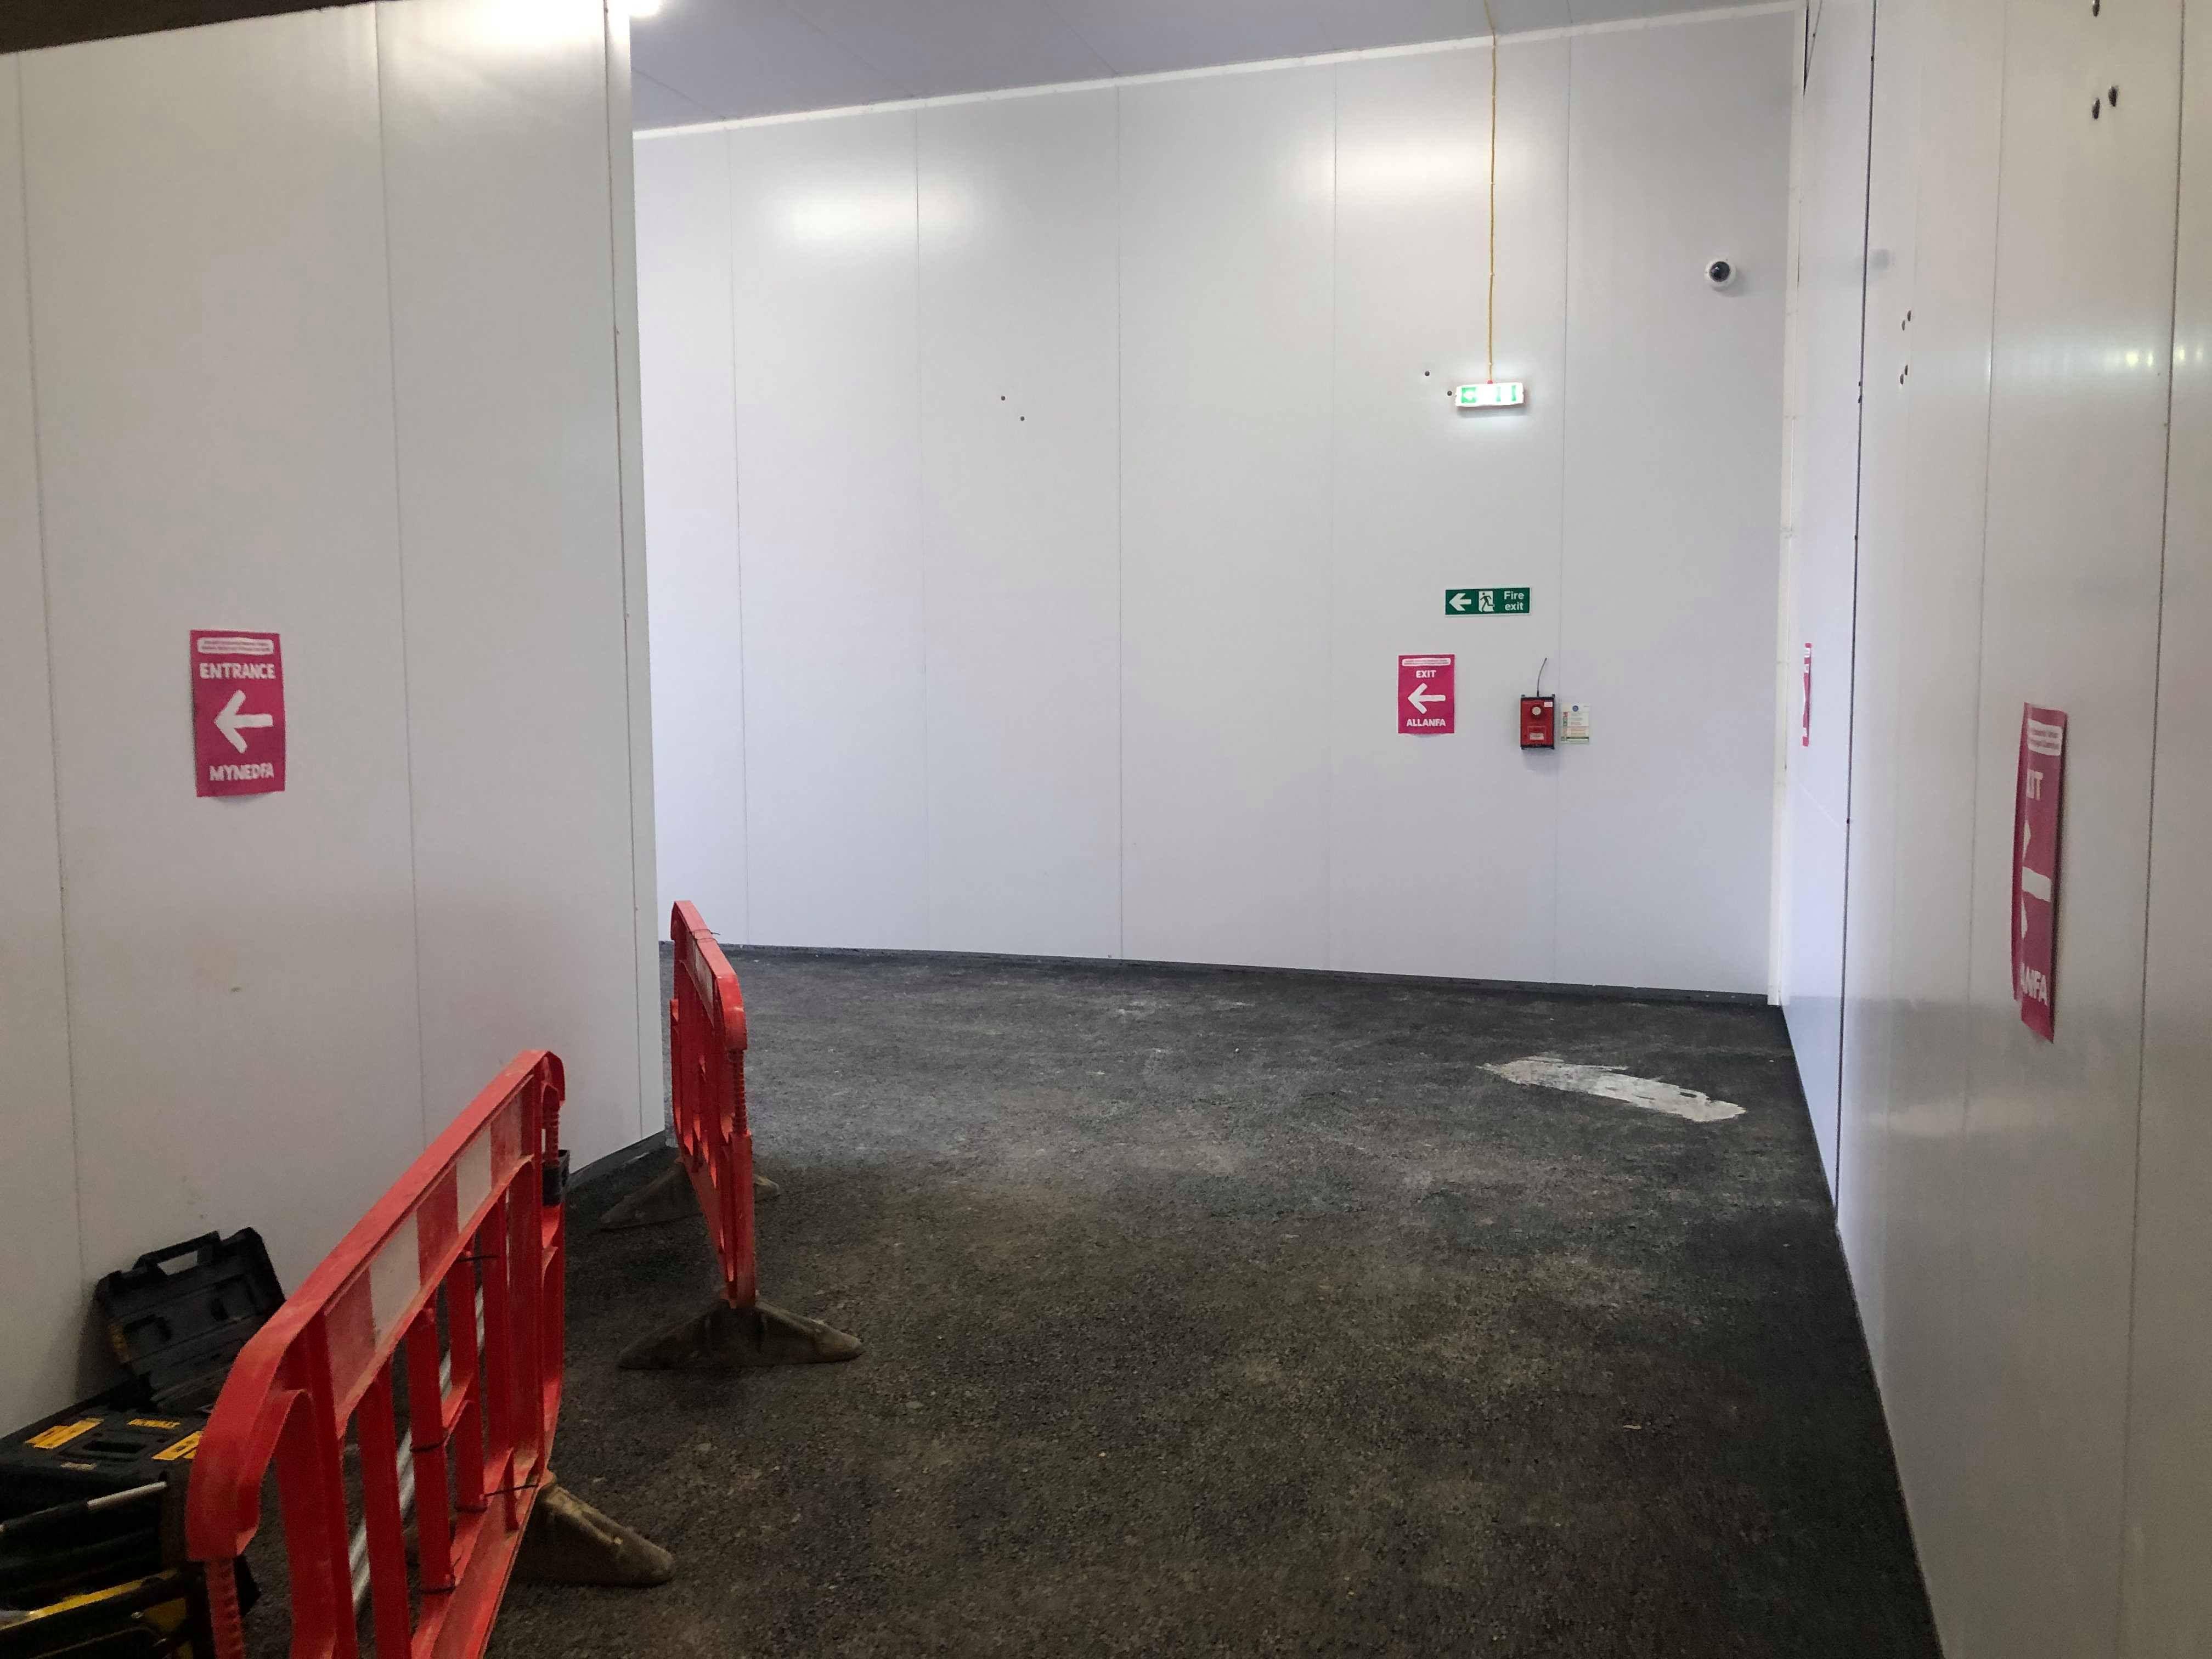 Image may contain: Hardwood, Room, Indoors, Wood, Floor, Flooring